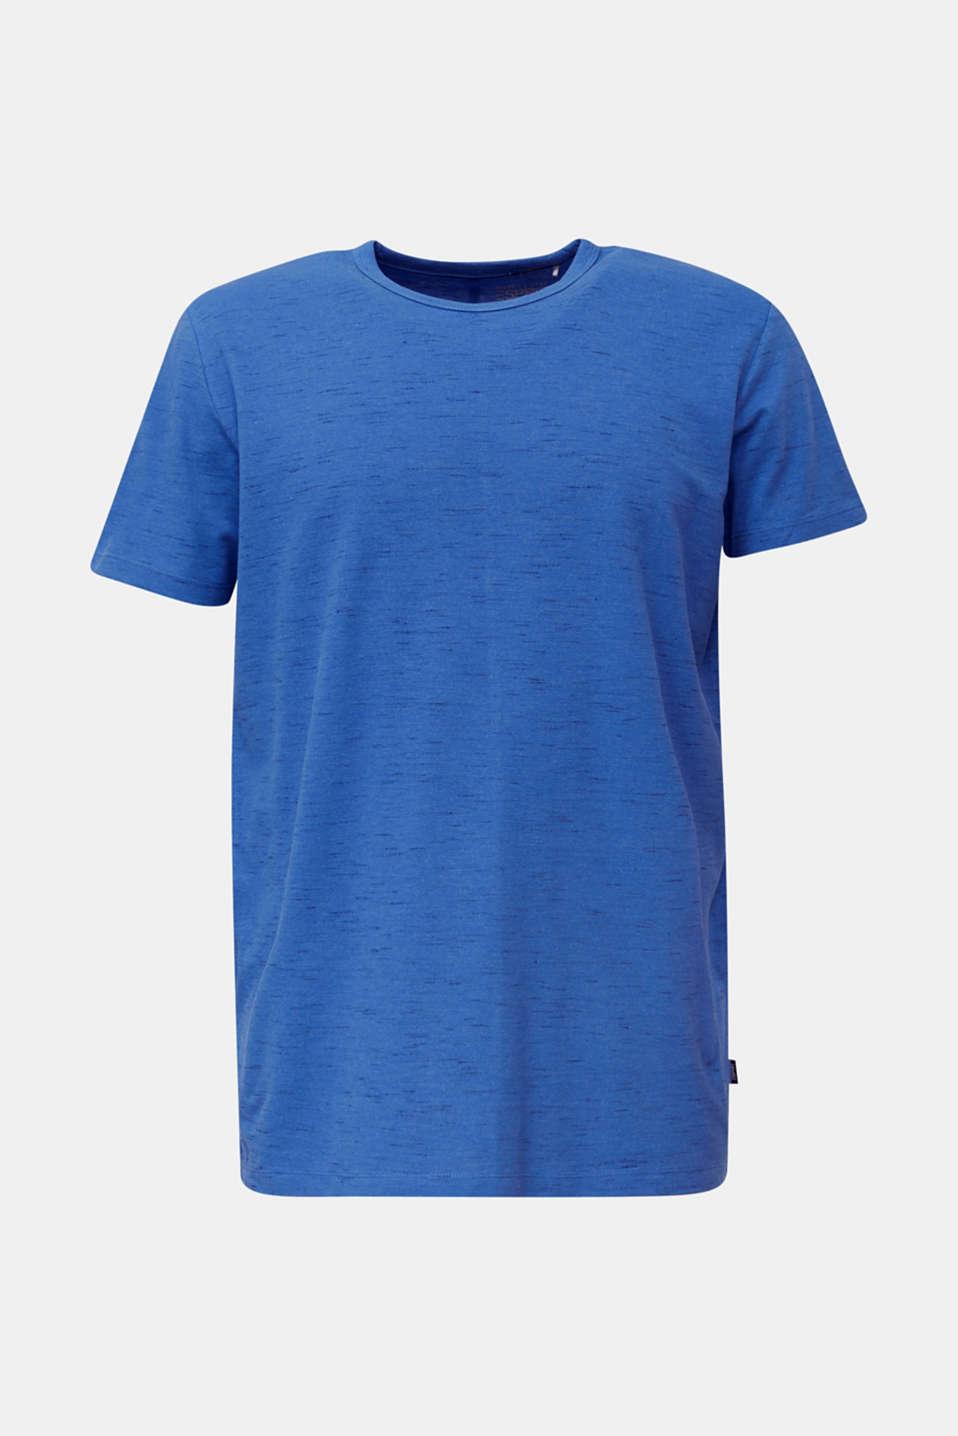 Melange piqué T-shirt, BLUE 5, detail image number 4